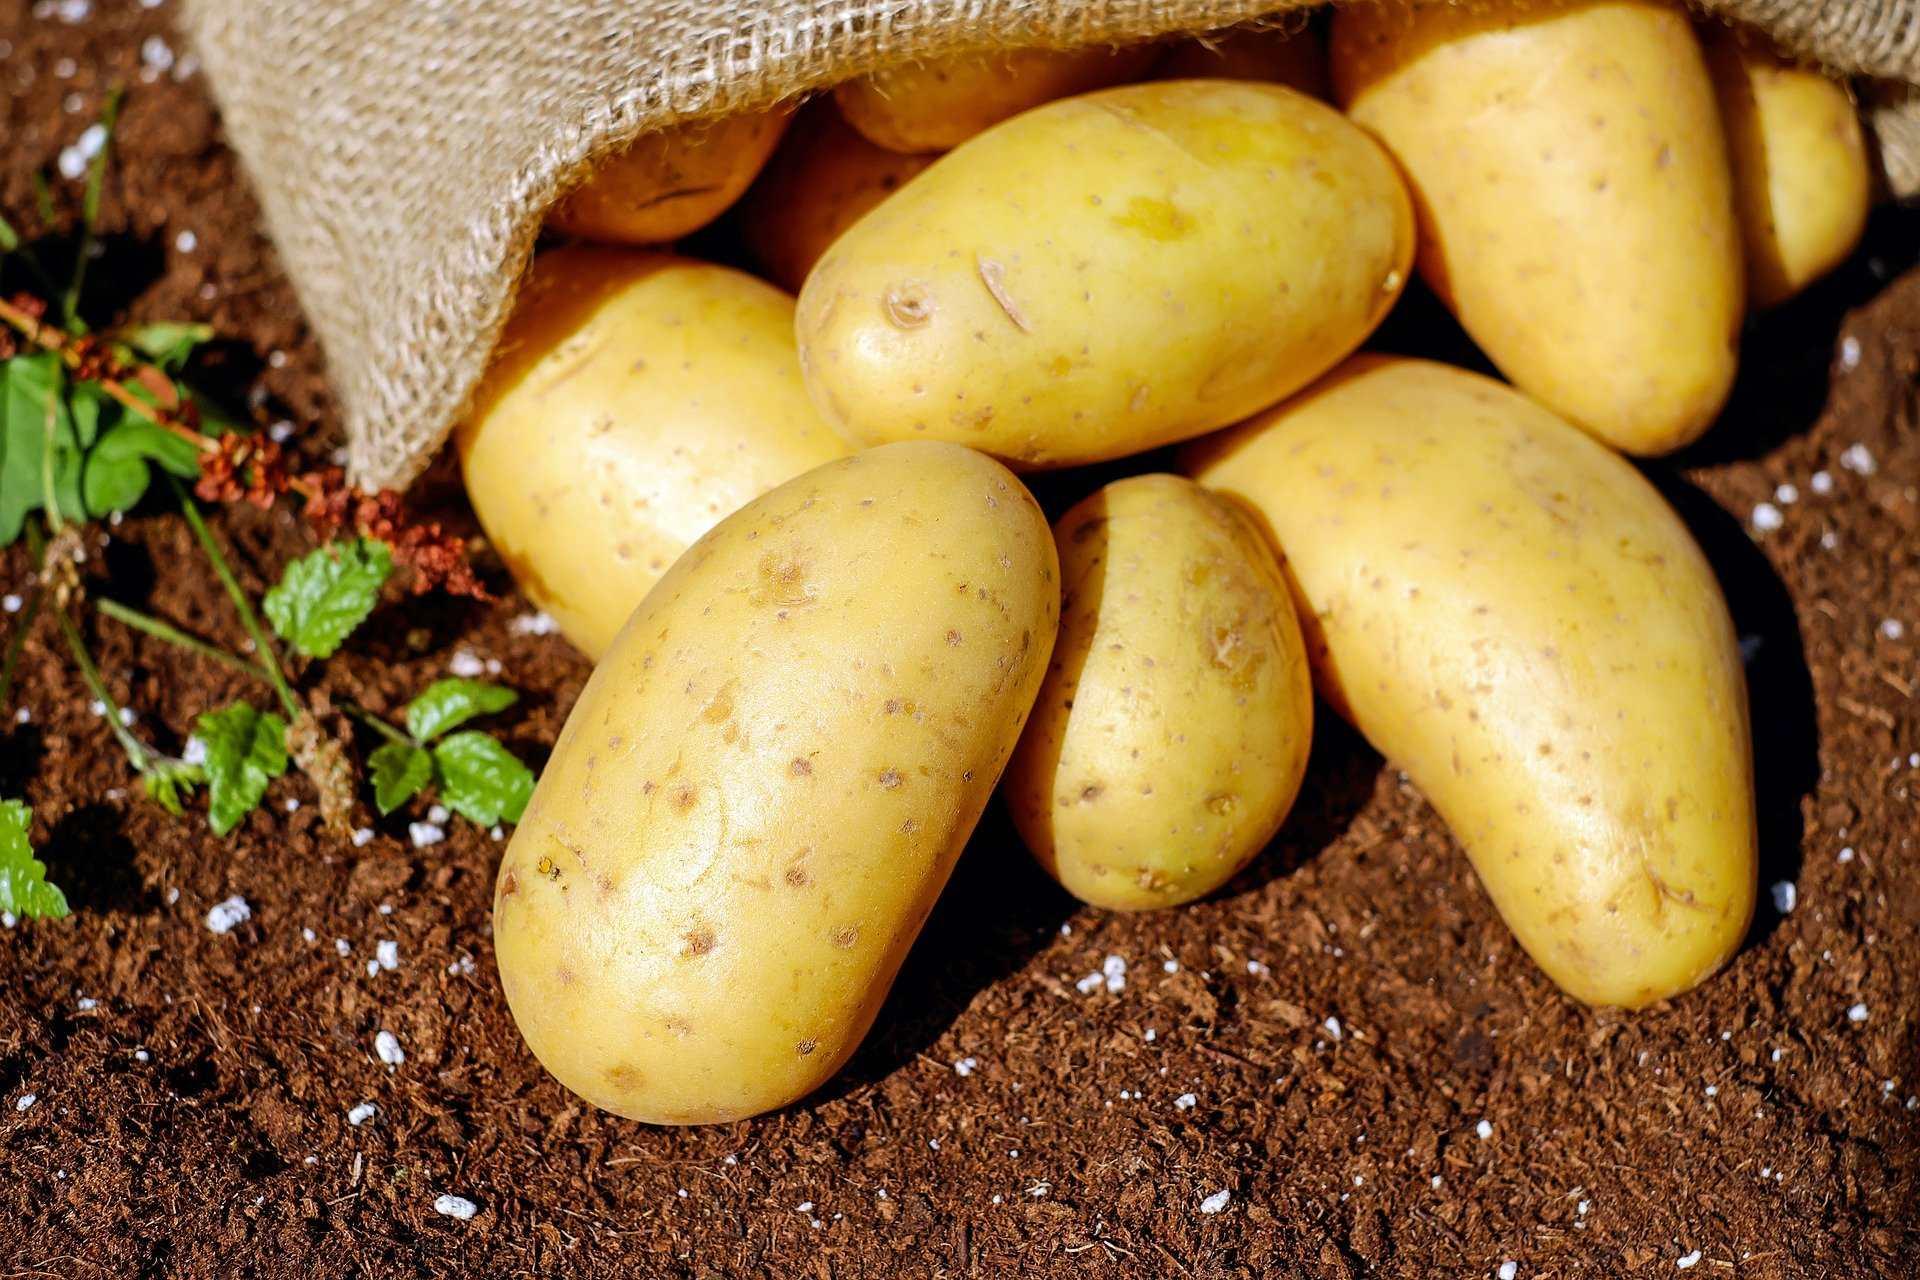 Сажать или не сажать картошку: новороссийские огородники делятся опытом